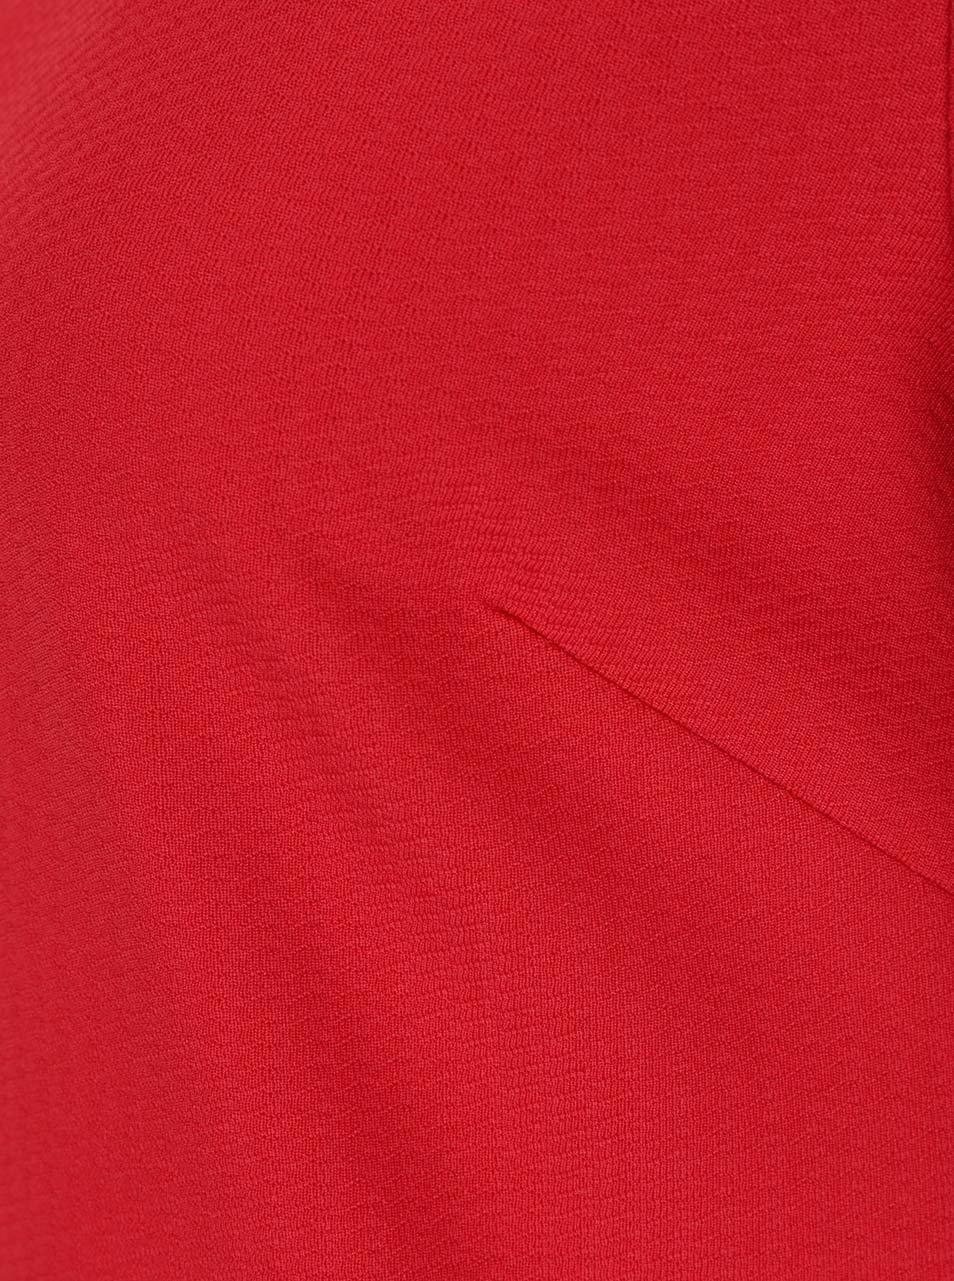 ea5830822453 Červené voľné šaty s volánmi na rukávoch Dorothy Perkins ...